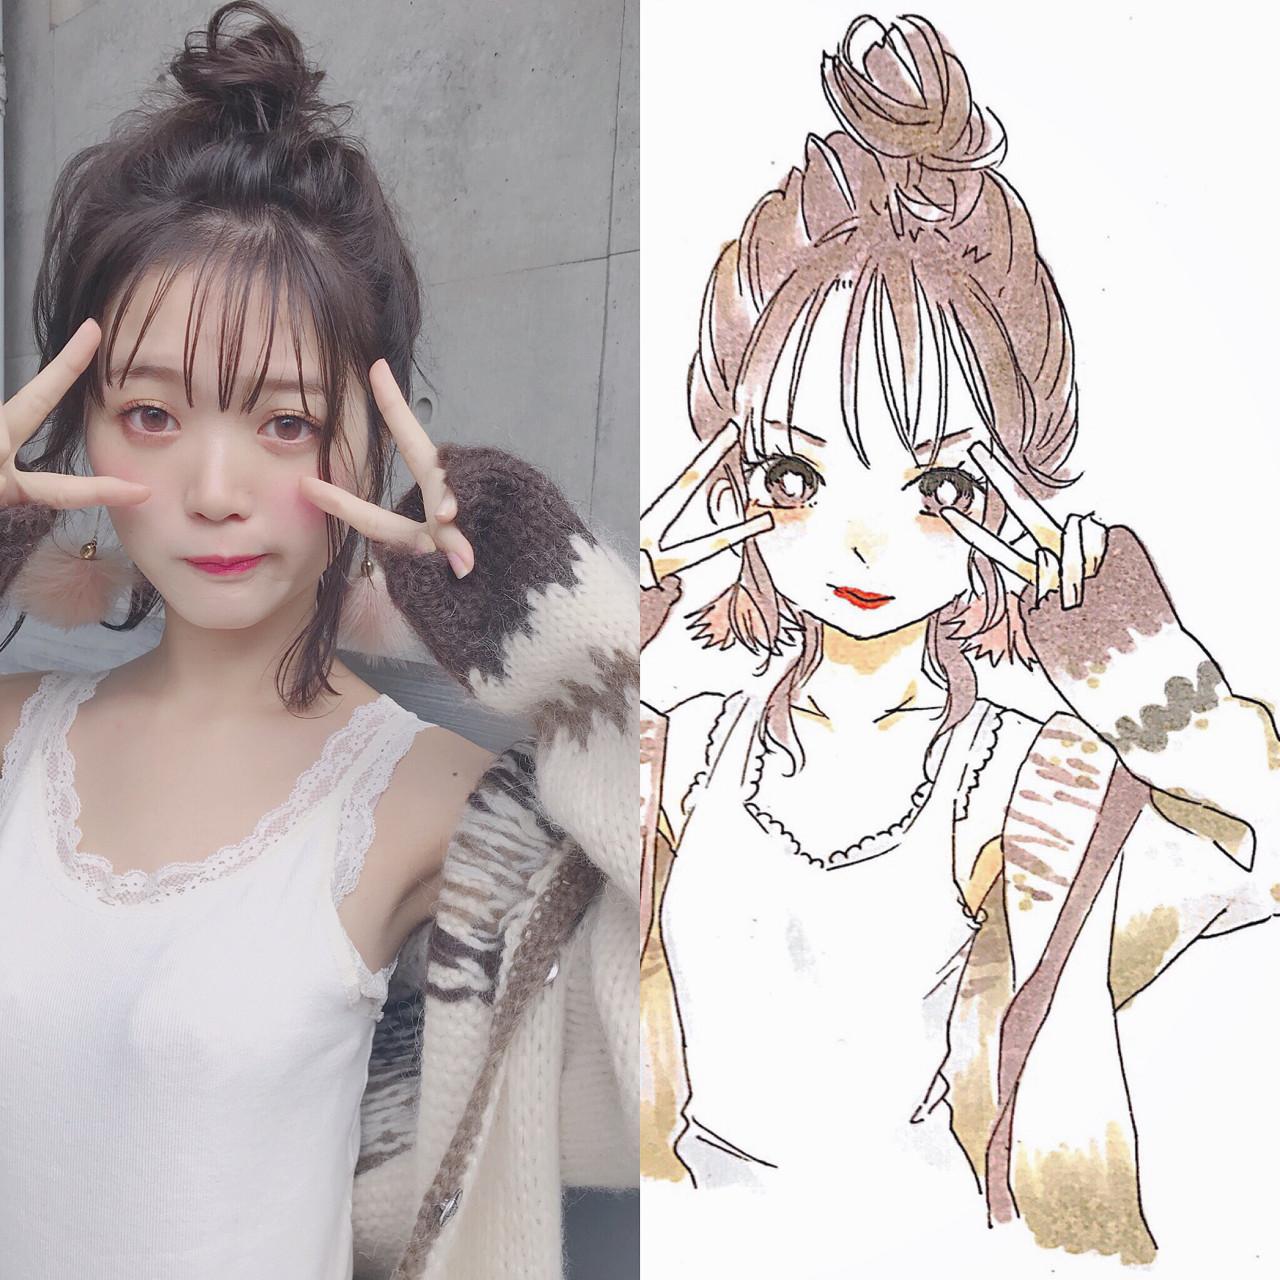 ミディアム 冬 髪型 アレンジ Khabarplanet Com